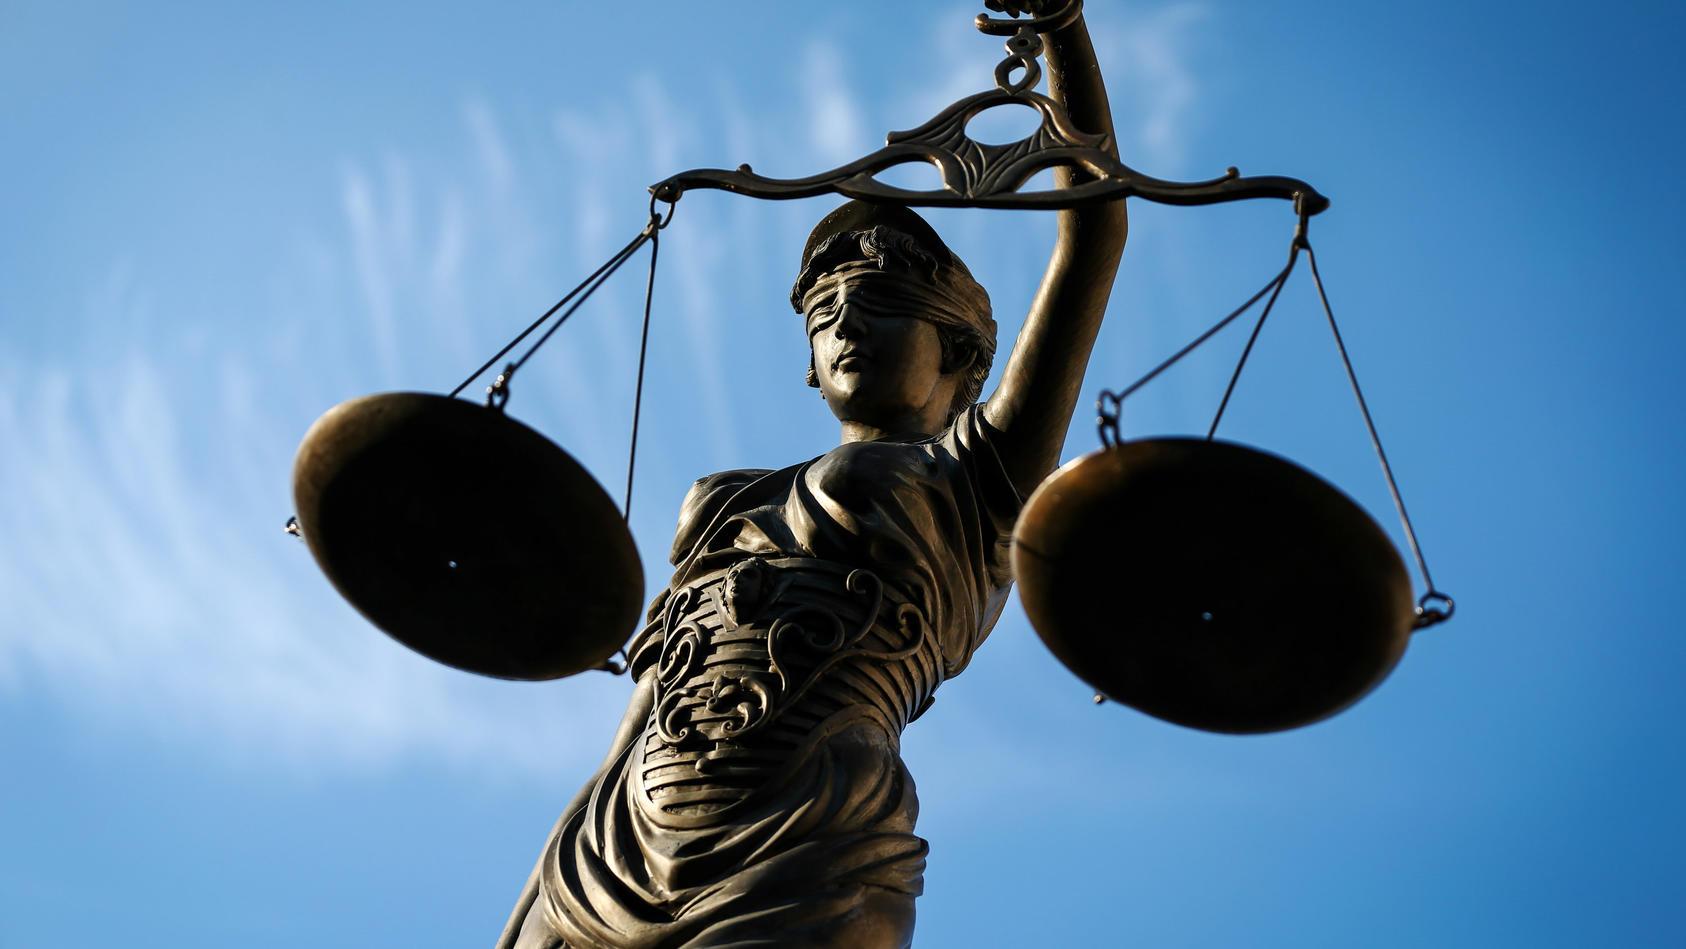 Prozess um Tod eines Polizisten bei einer Festnahmeaktion: Sechs Jahre Haft für Angeklagten. Symbolbild Unabhängigkeit der Justiz - Justitia